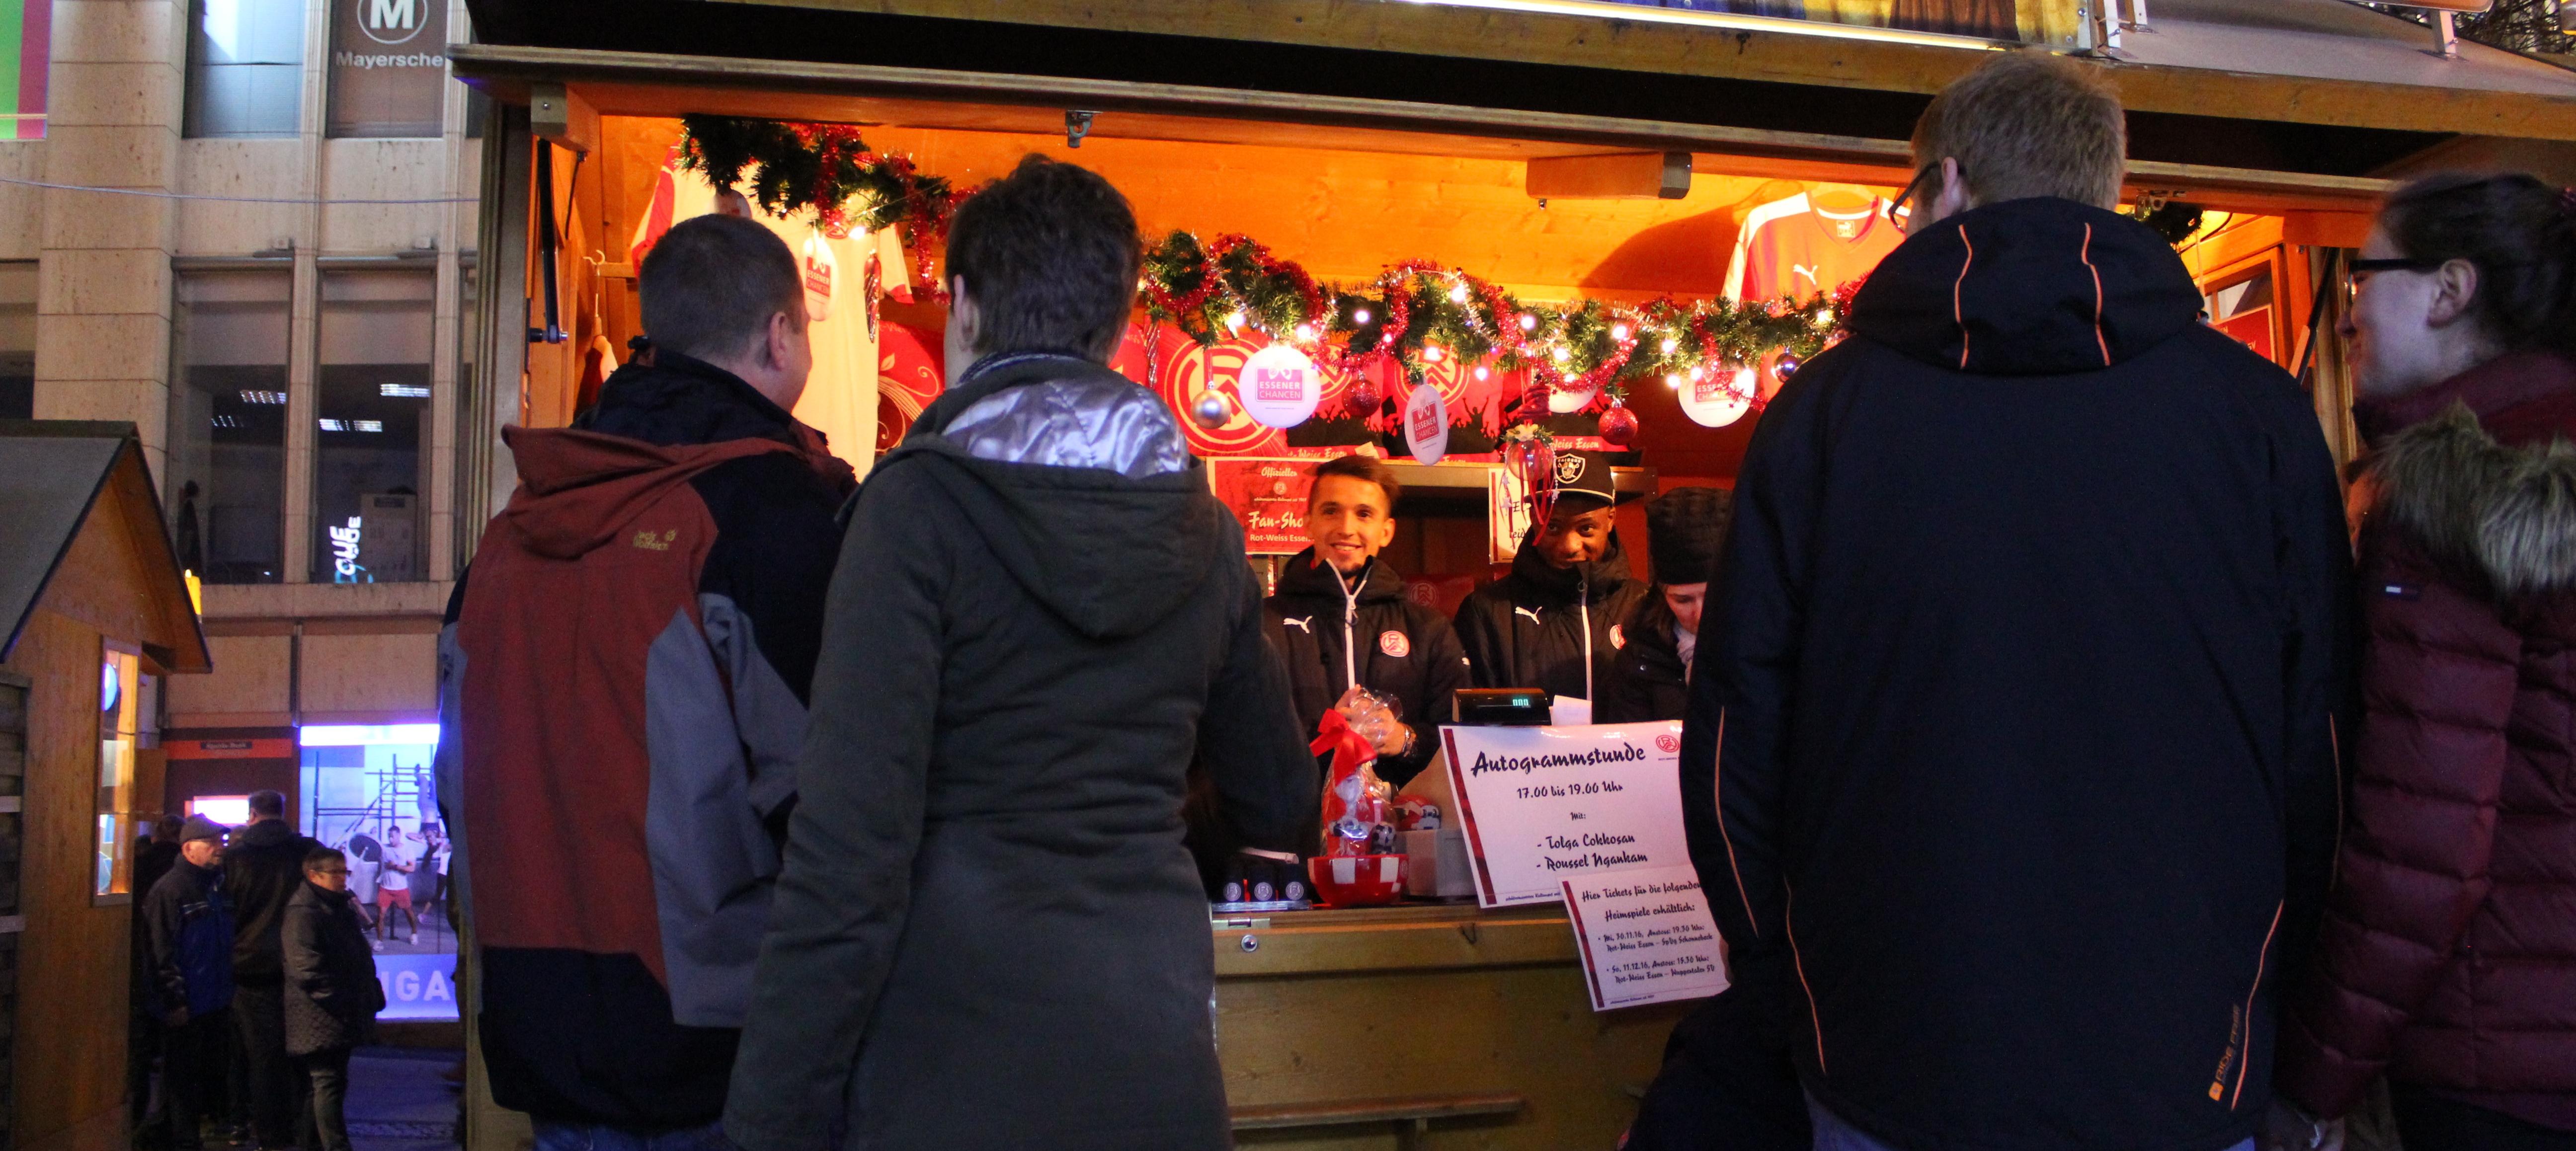 Auch in diesem Jahr schreiben Spieler von RWE wieder Autogramme auf dem Weihnachtsmarkt.